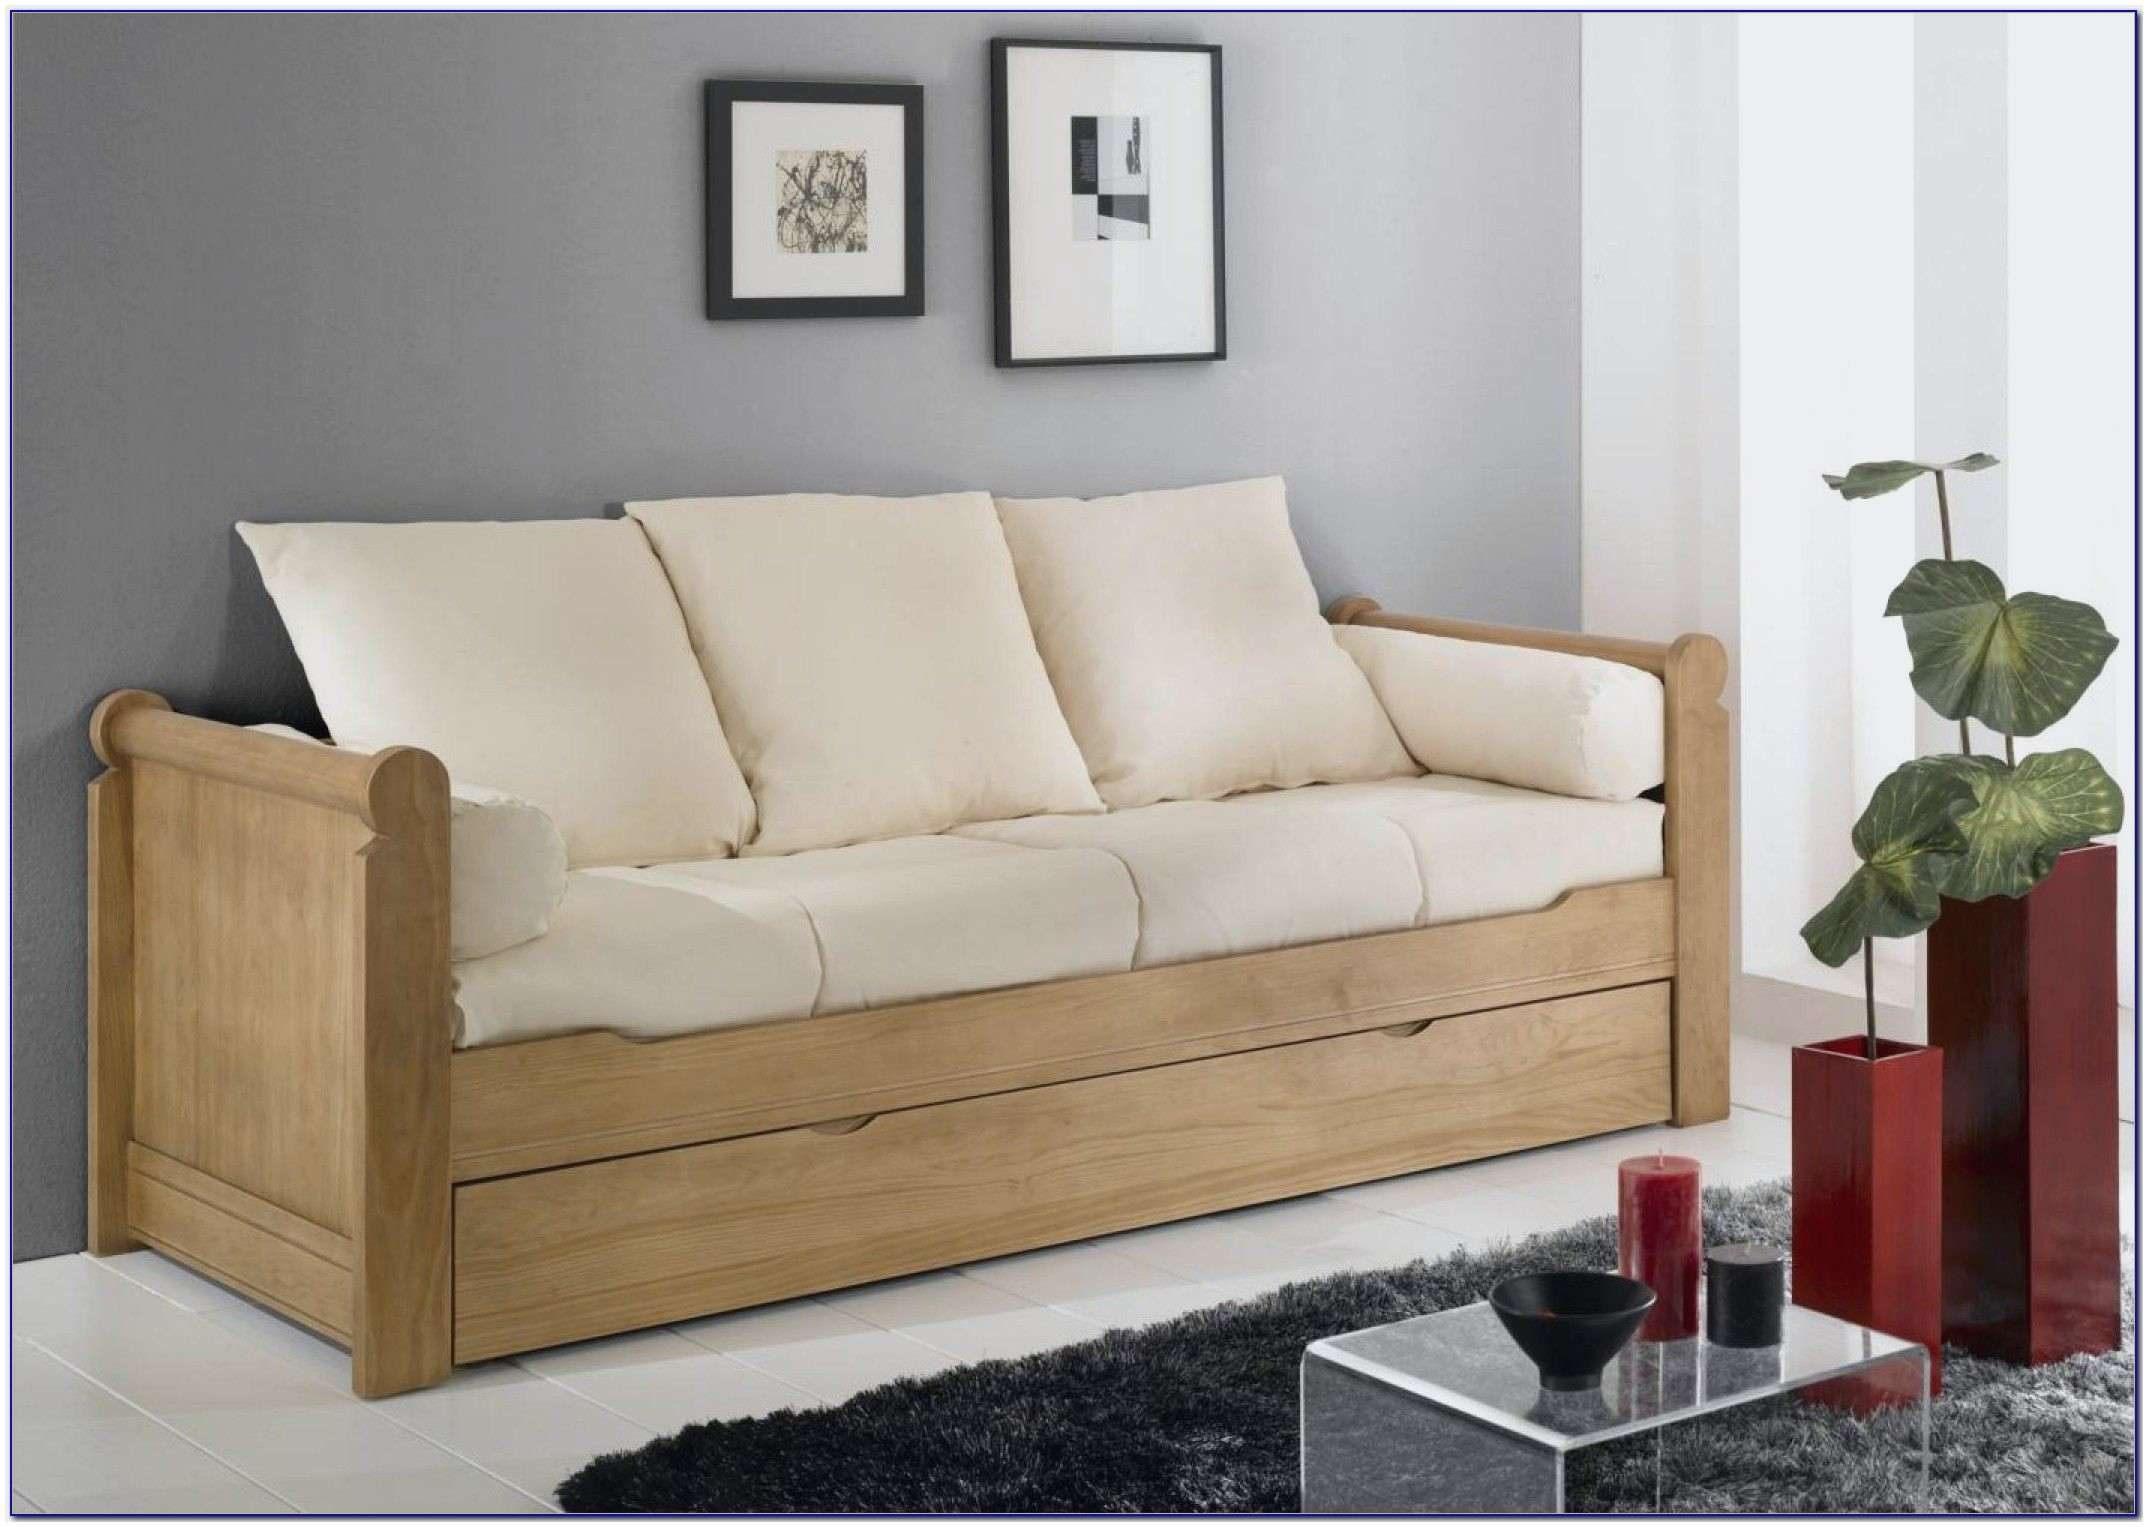 Ikea Canapé Lit Convertible Bel Frais Luxury Canapé Lit Matelas Pour Meilleur Ikea Canapé 2 Places